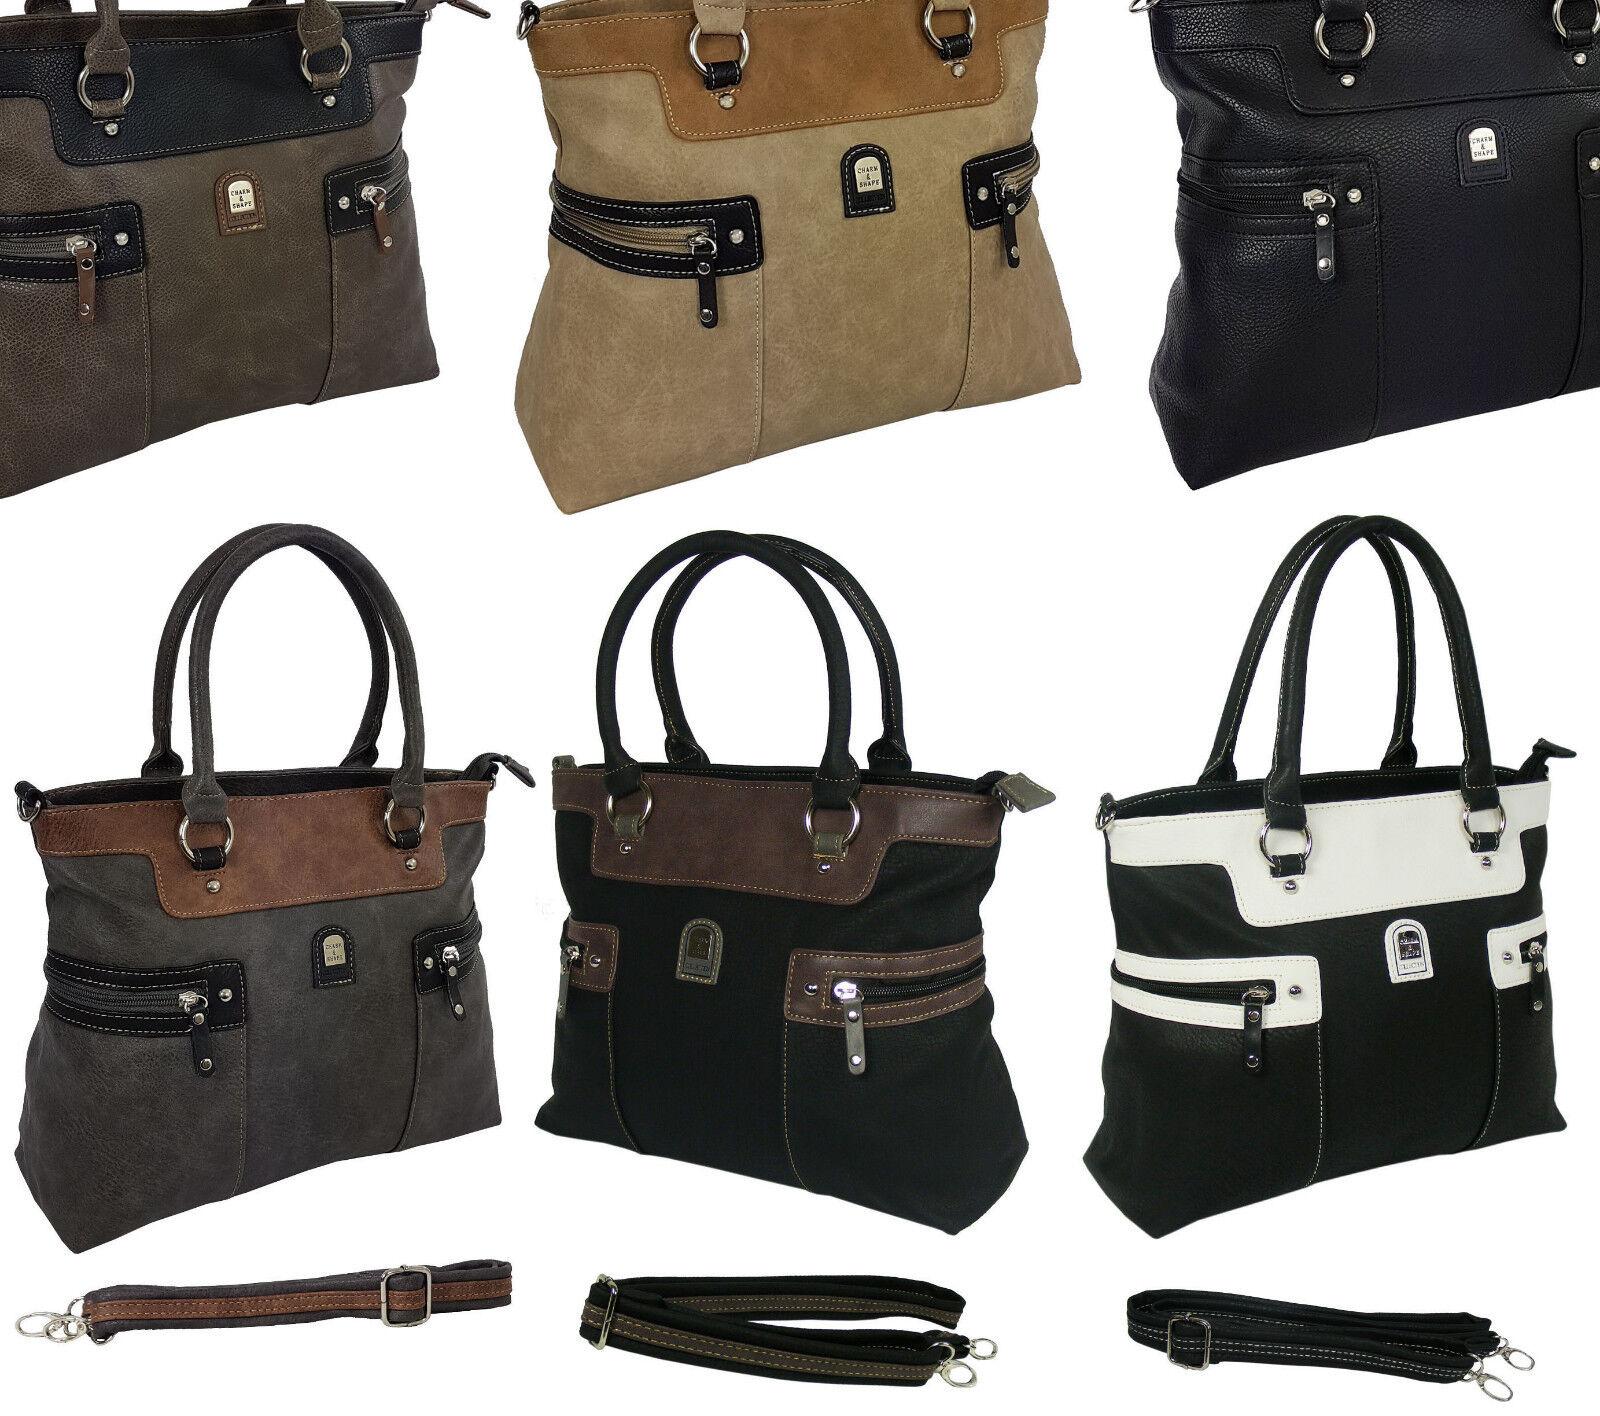 841275ac78800 Neu Damentasche Bag Handtasche Shopper Schultertasche Tragetasche 1896       ...